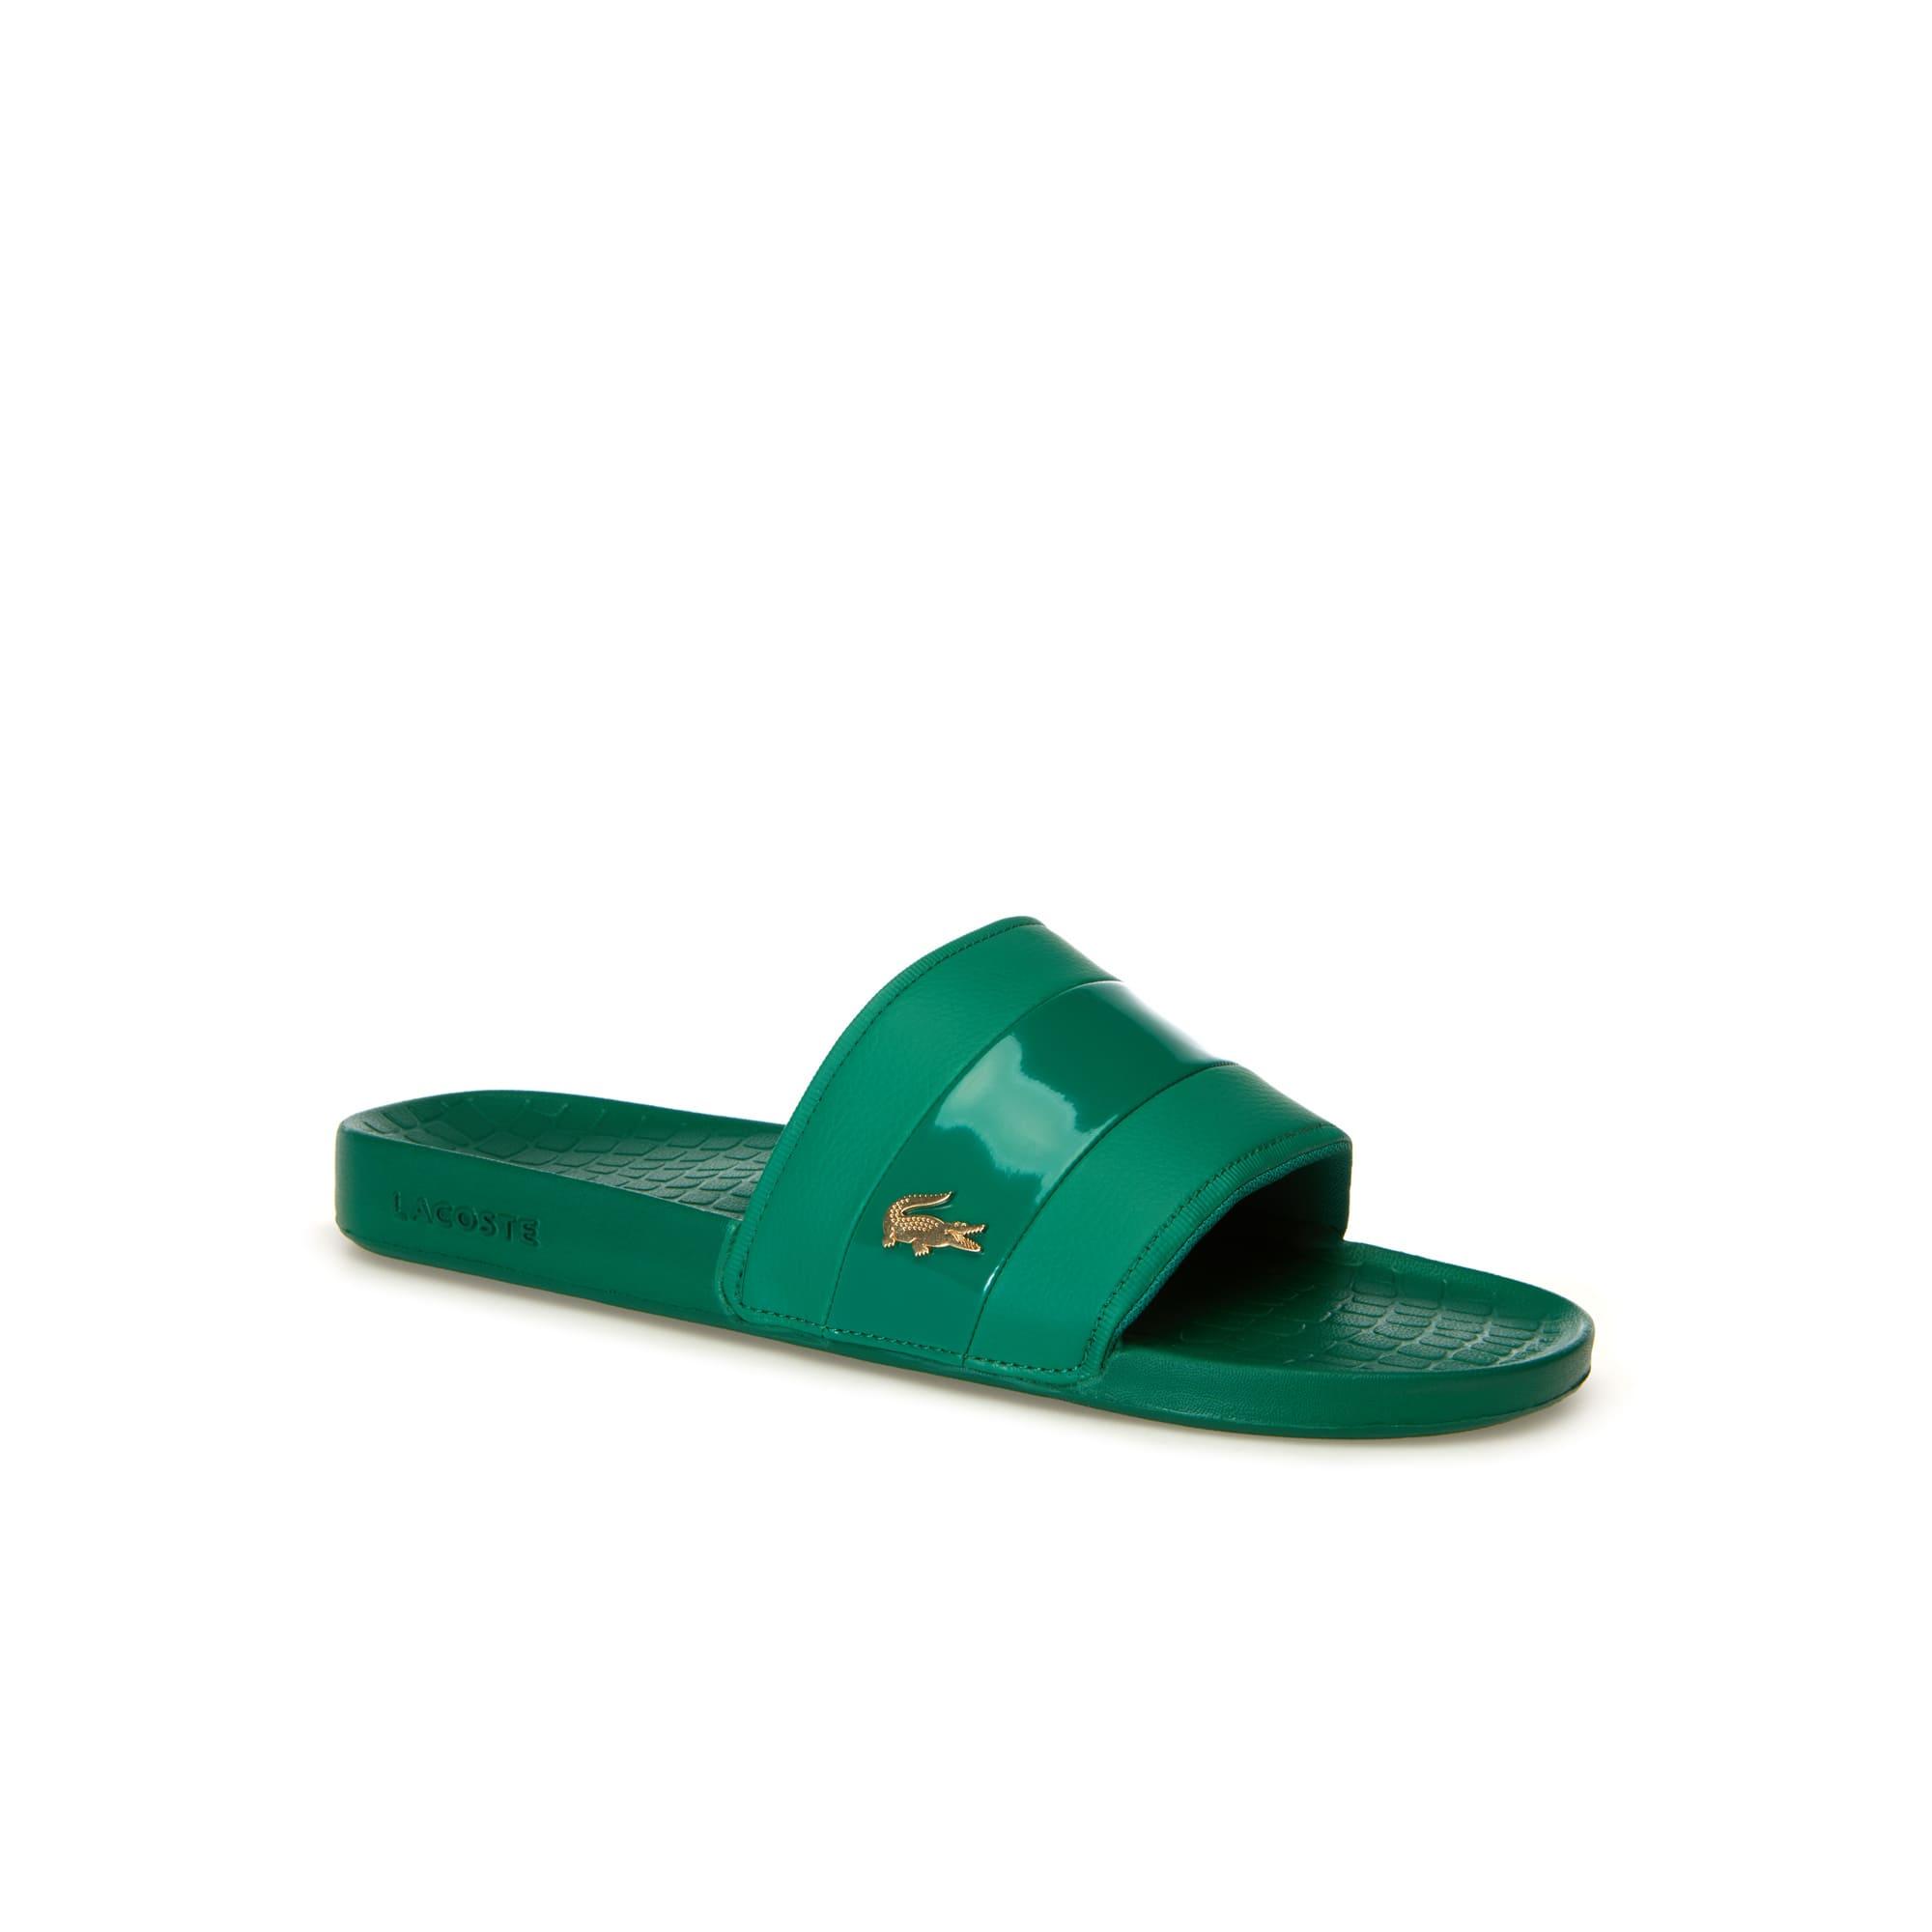 라코스테 Lacoste Men's Fraisier Leather Slides,green/gold